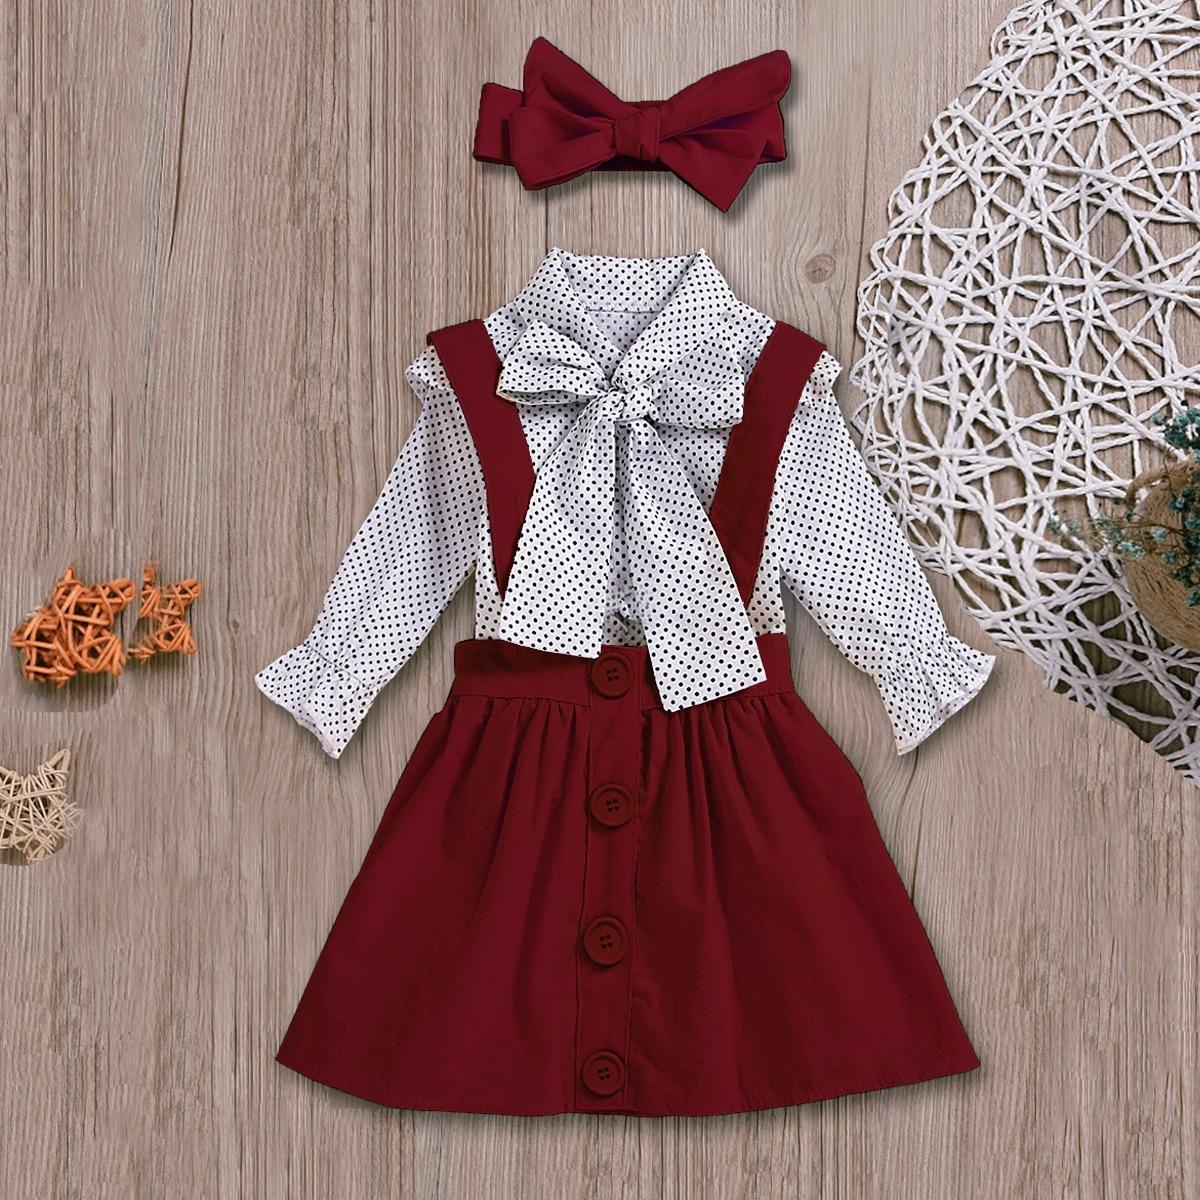 Сарафан-юбка и топ в горошек с воротником-бантом и повязкой для девочек от SHEIN